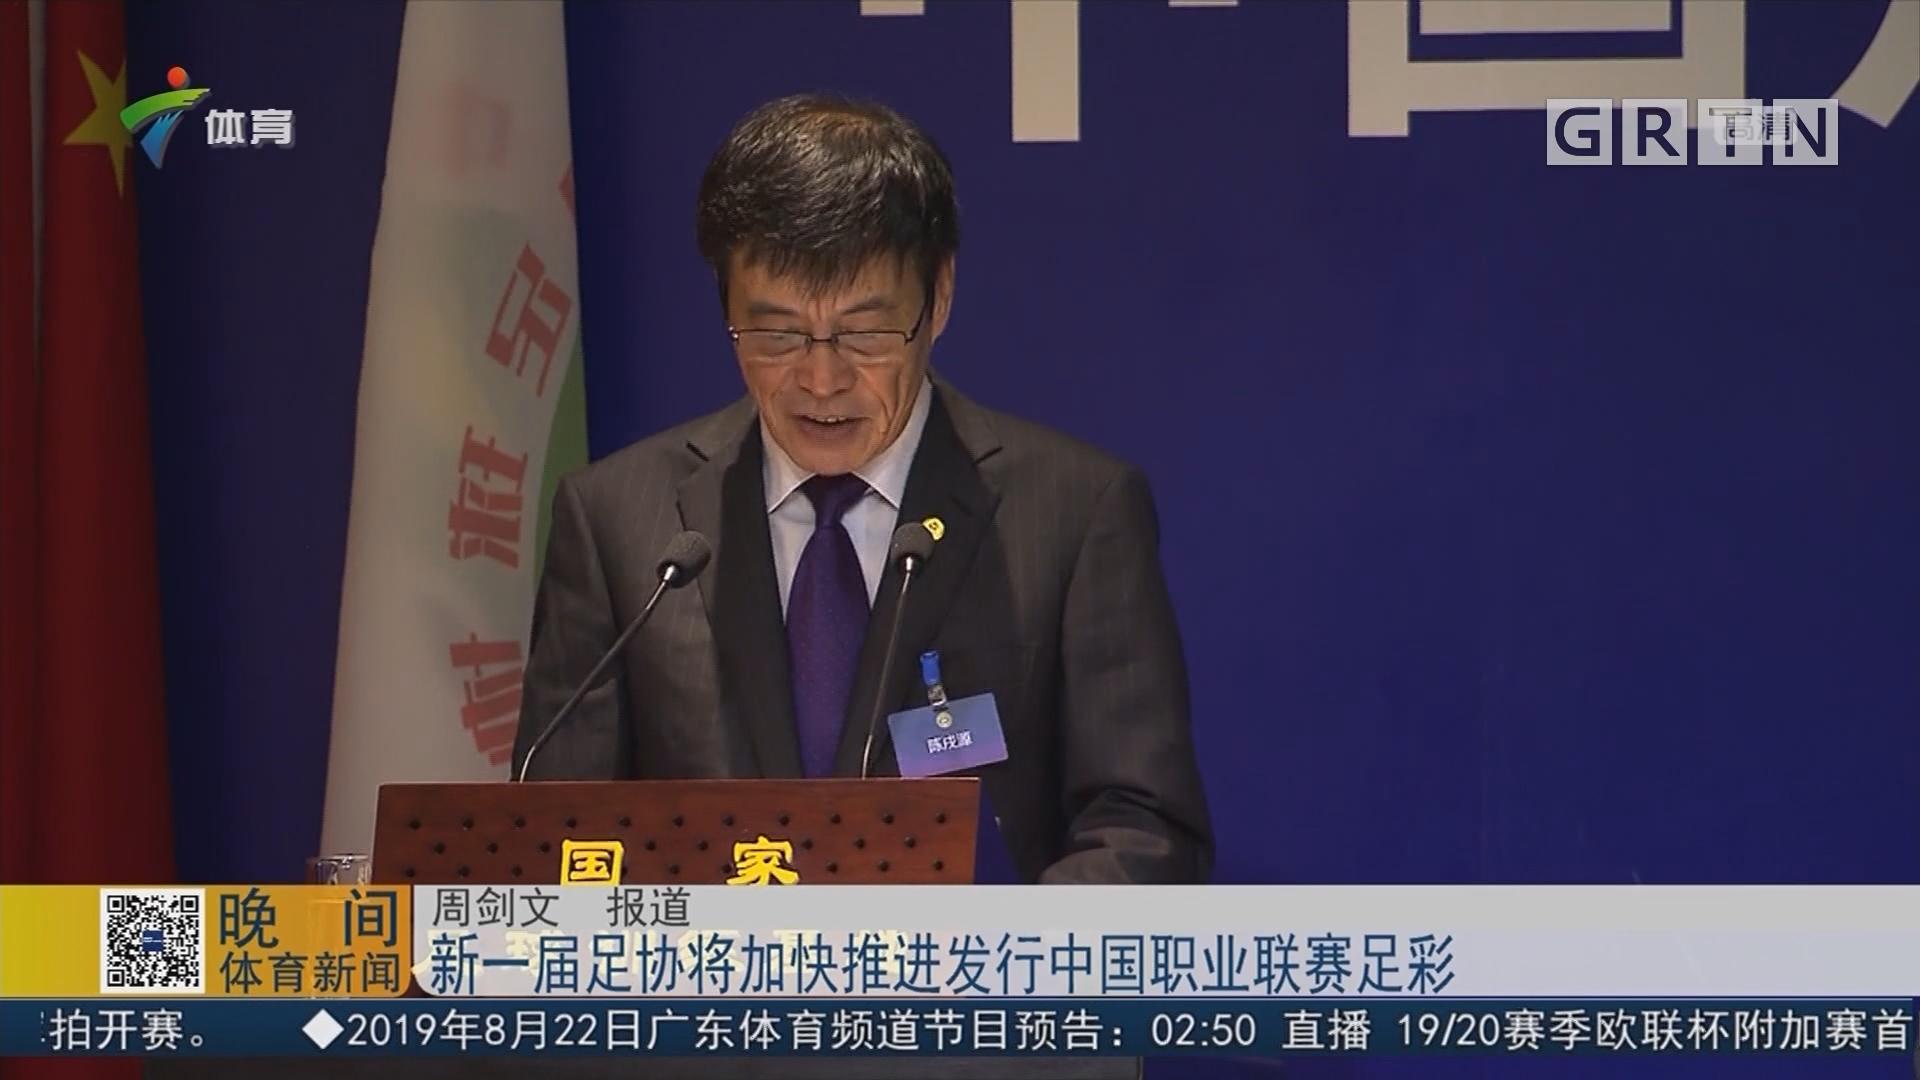 新一届足协将加快推进发行中国职业联赛足彩